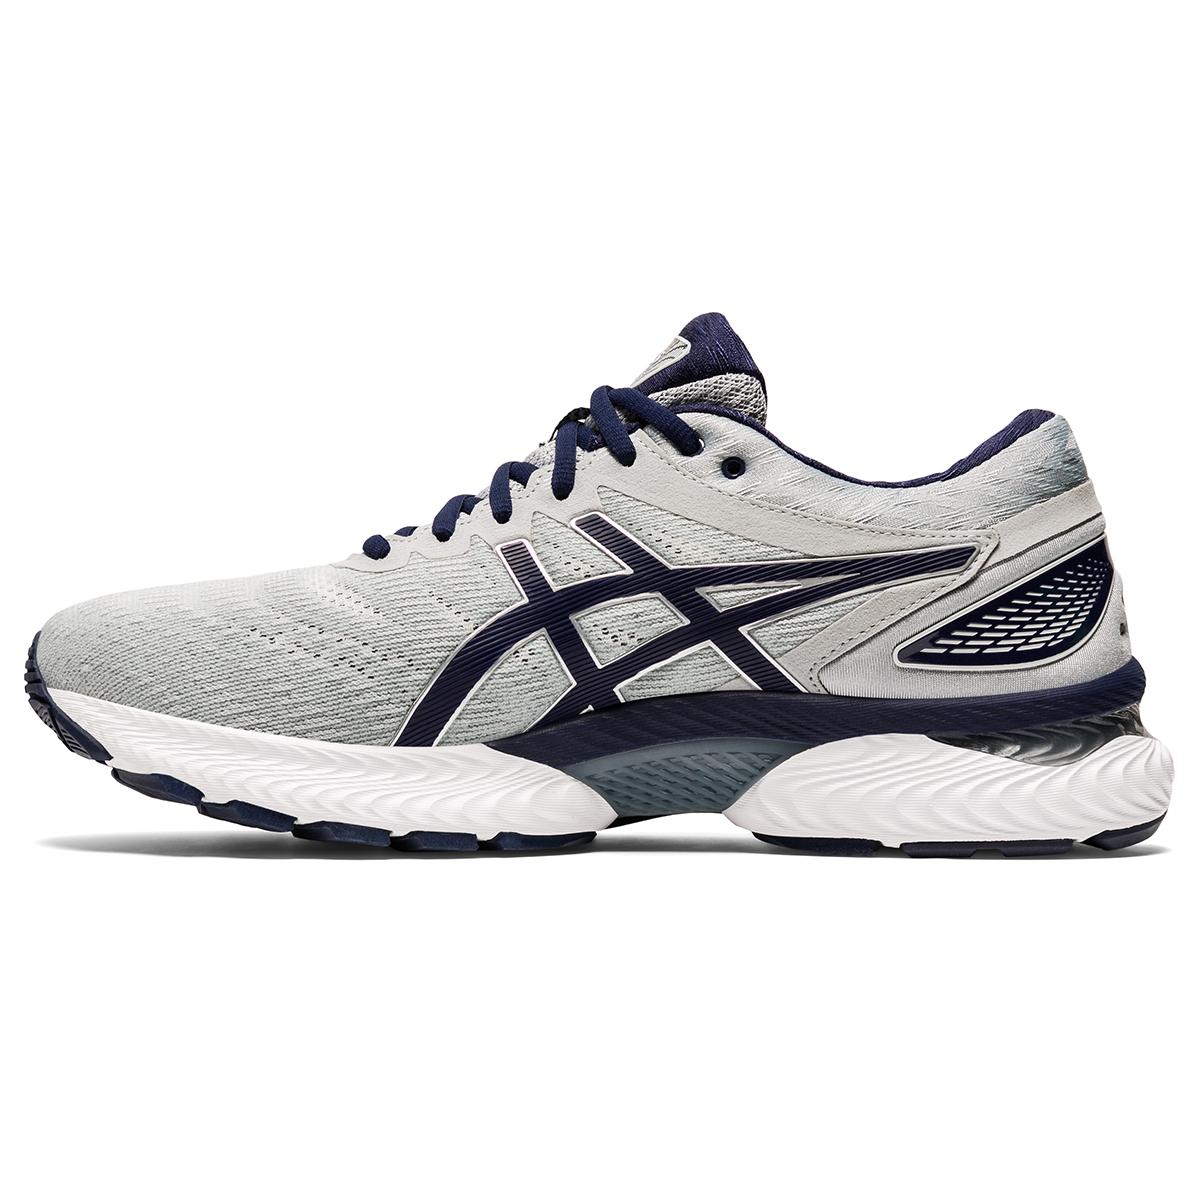 Men's Asics Gel-Nimbus 22 Running Shoe - Color: Piedmont Grey/Peacoat - Size: 6 - Width: Regular, Piedmont Grey/Peacoat, large, image 2